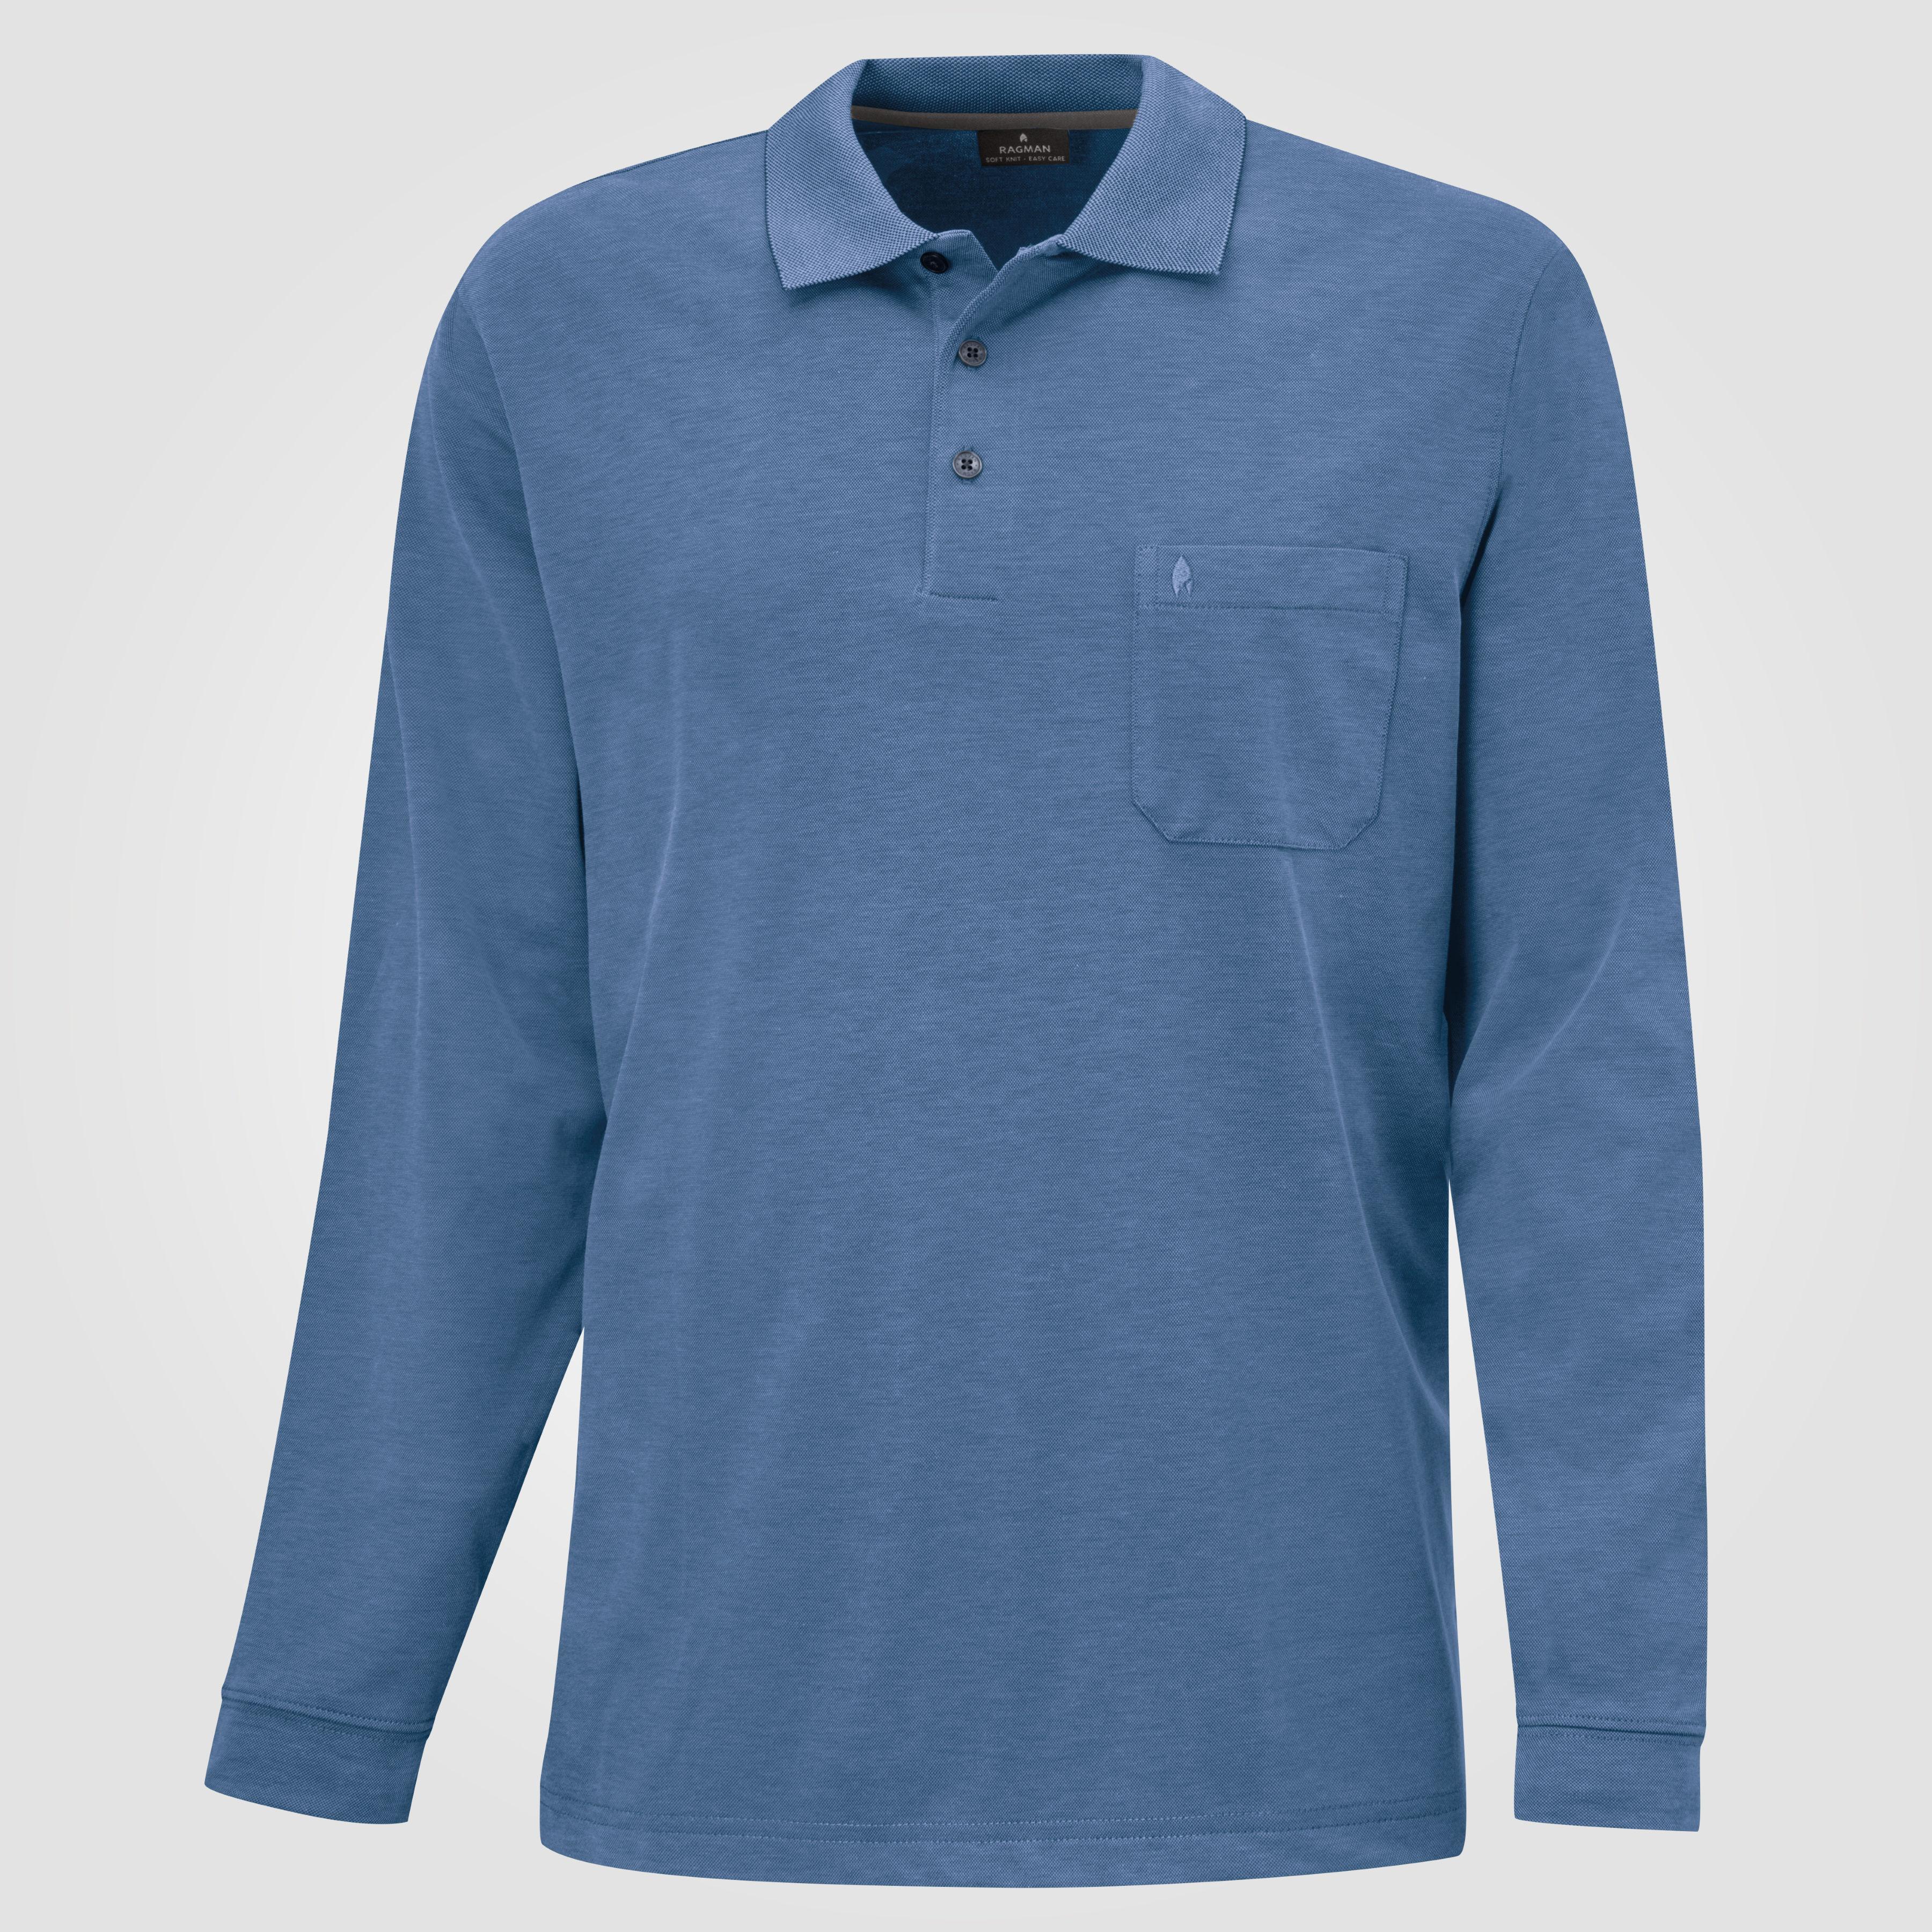 langlebig im einsatz modernes Design günstigen preis genießen Ragman Herren-Poloshirt langarm uni